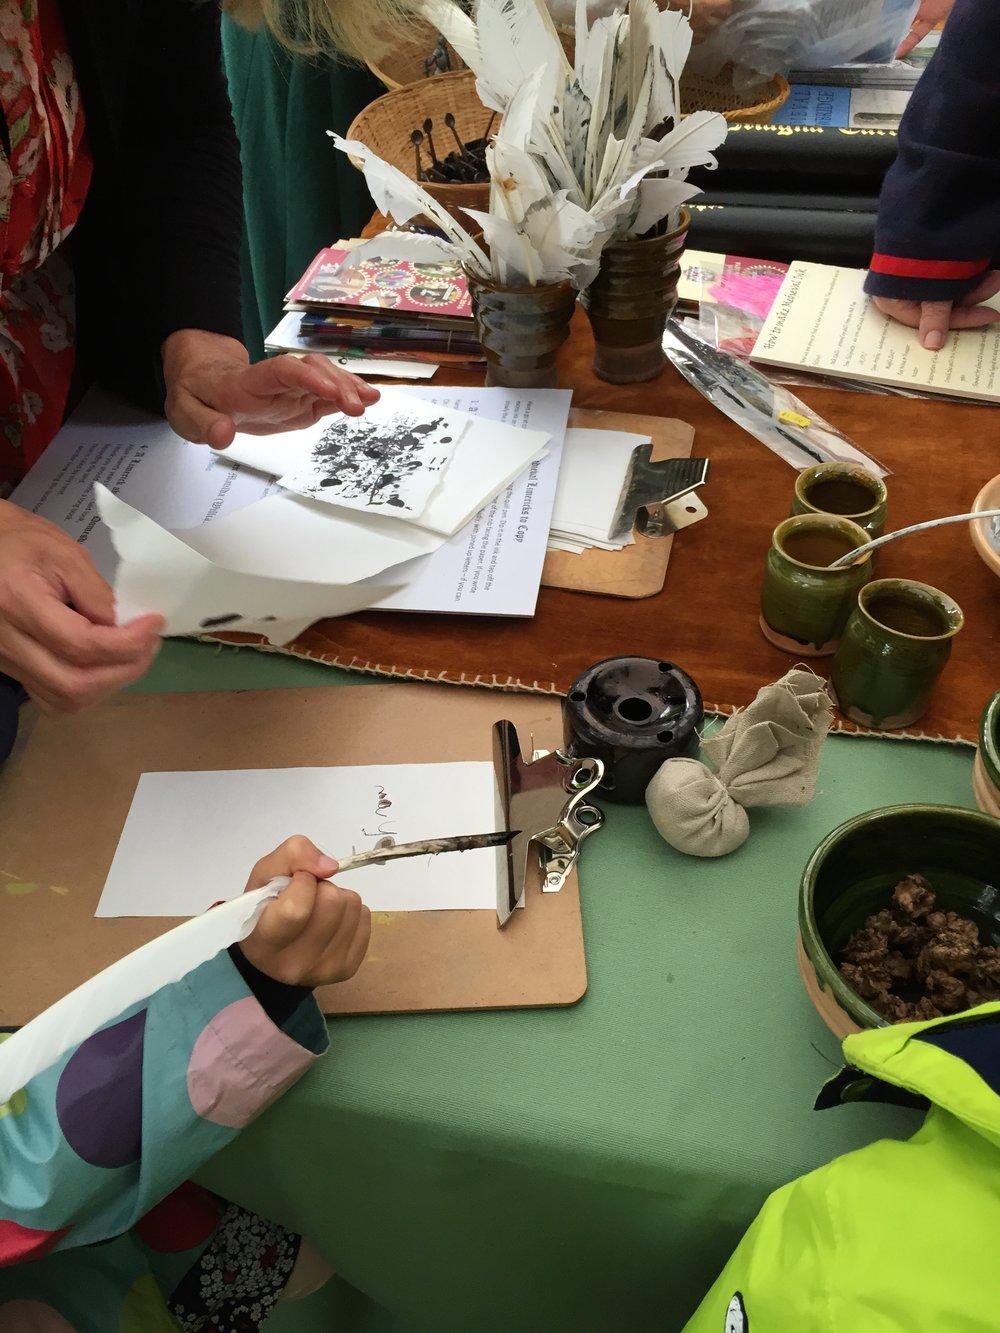 Piloting children's activities for Trowbridge Museum